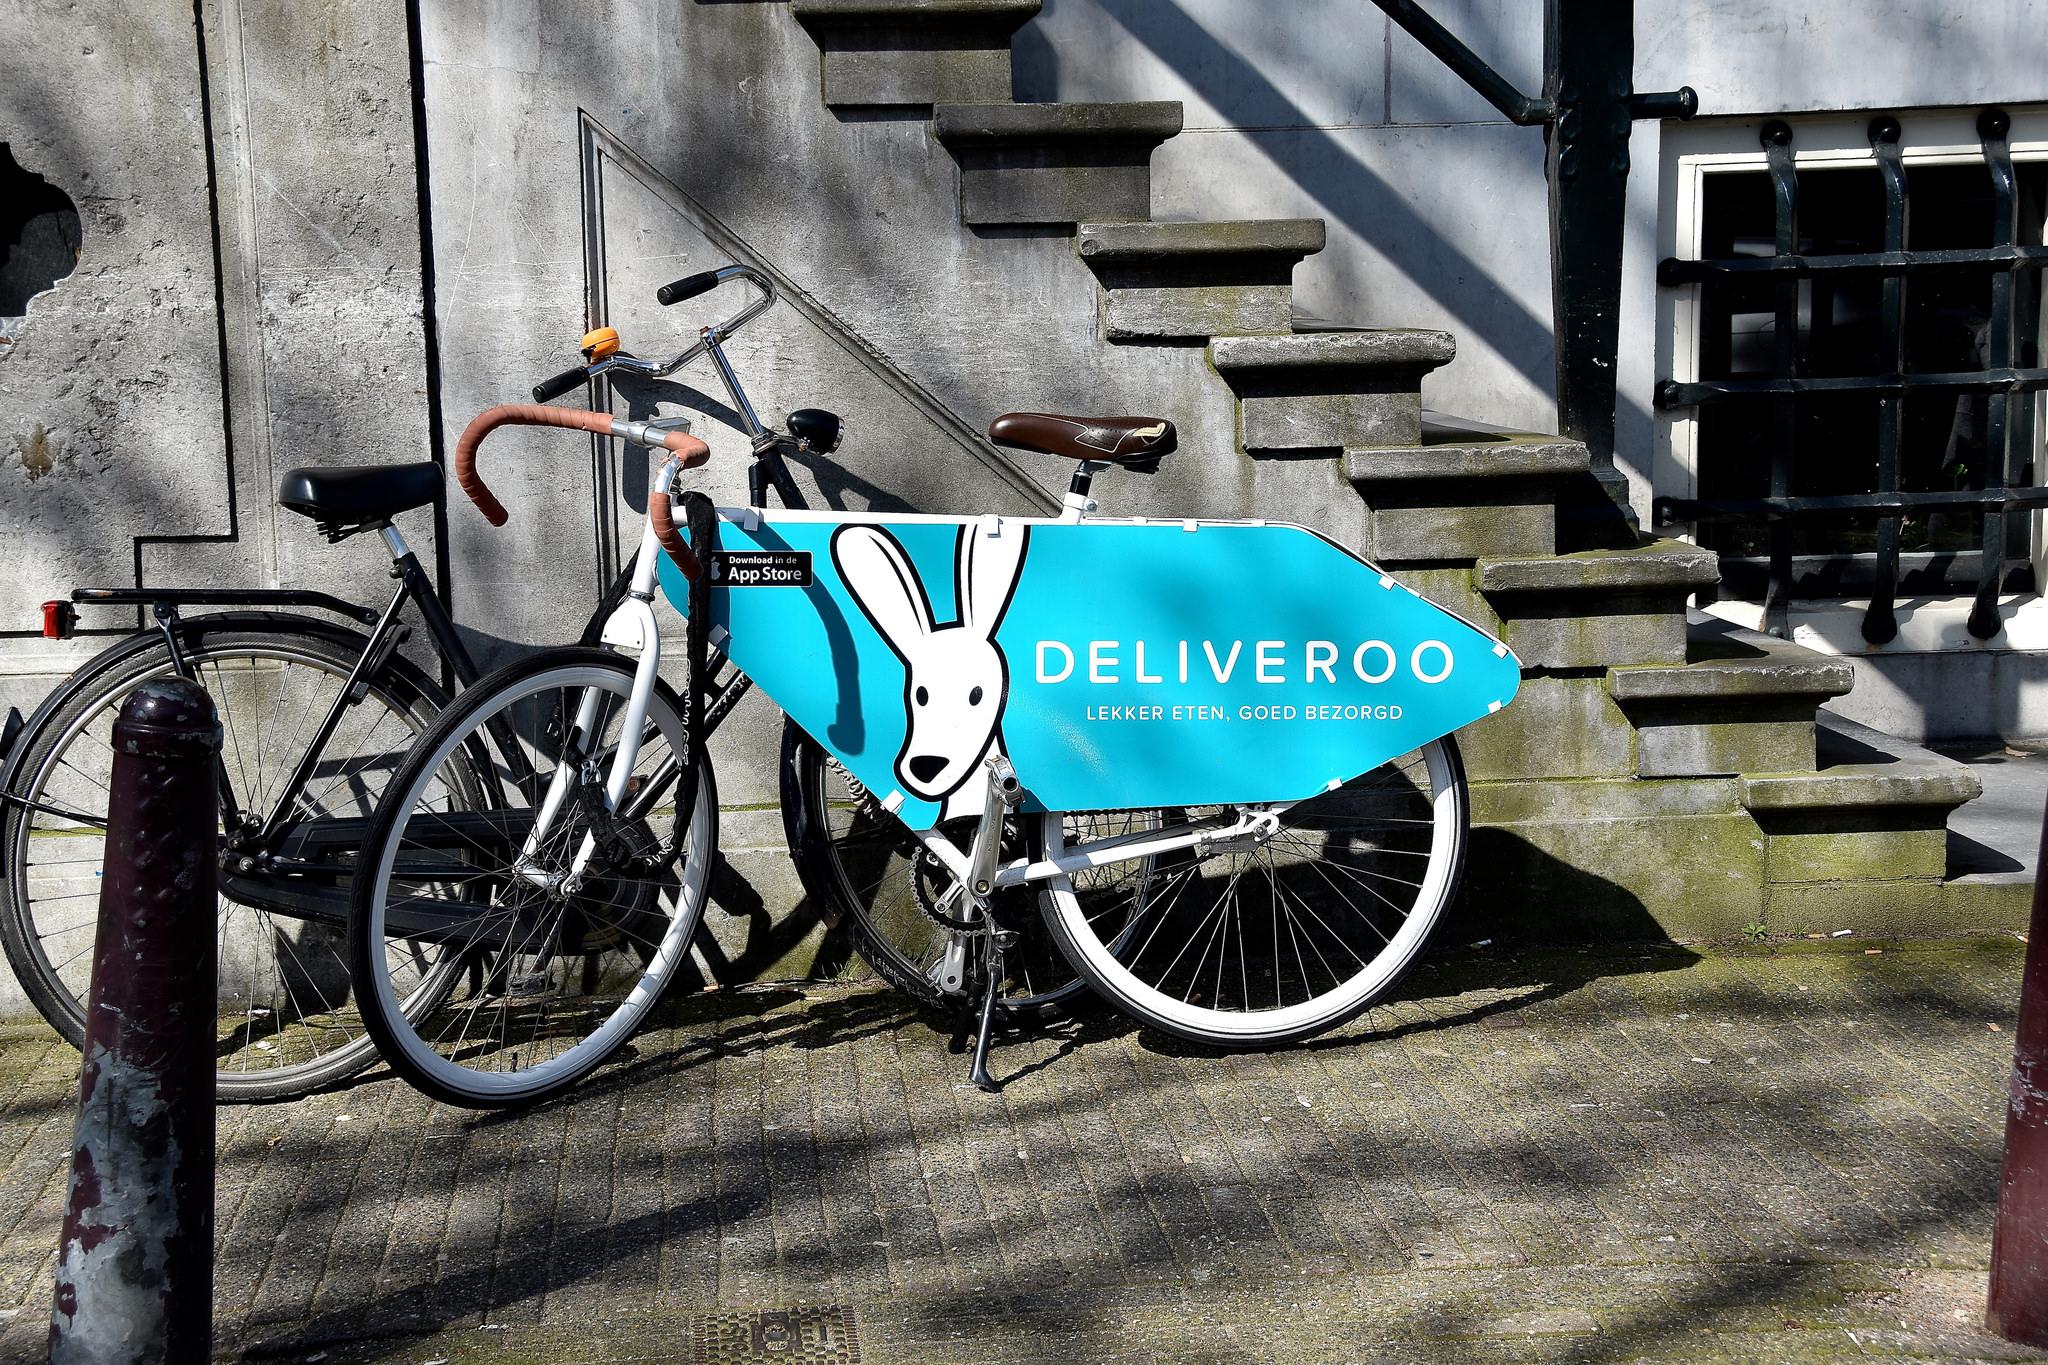 Deliveroo - competir en condiciones laborales